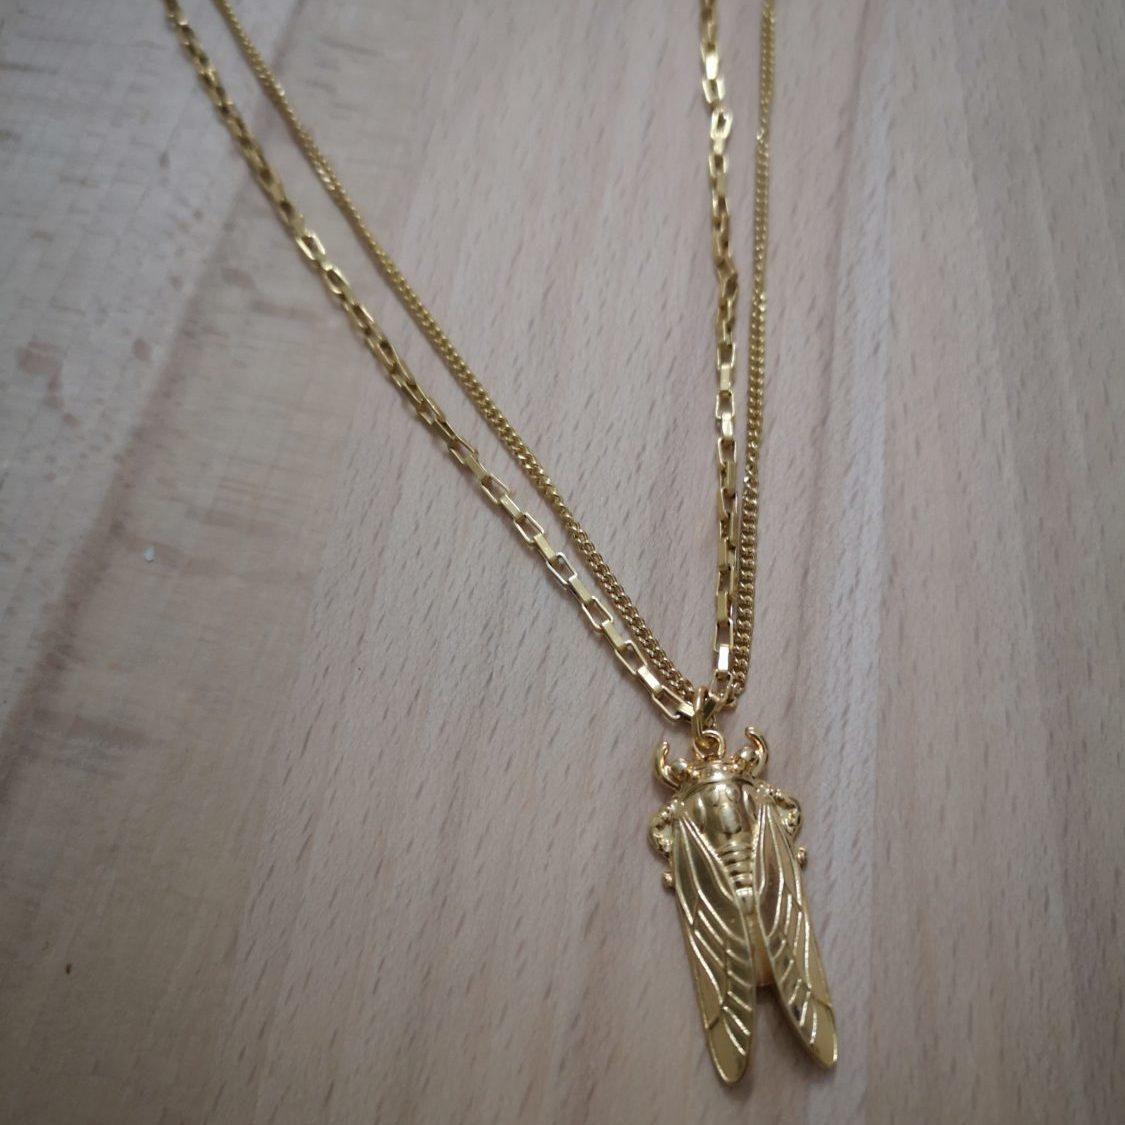 Cicada Necklace-κολιέ με τζιτζίκι